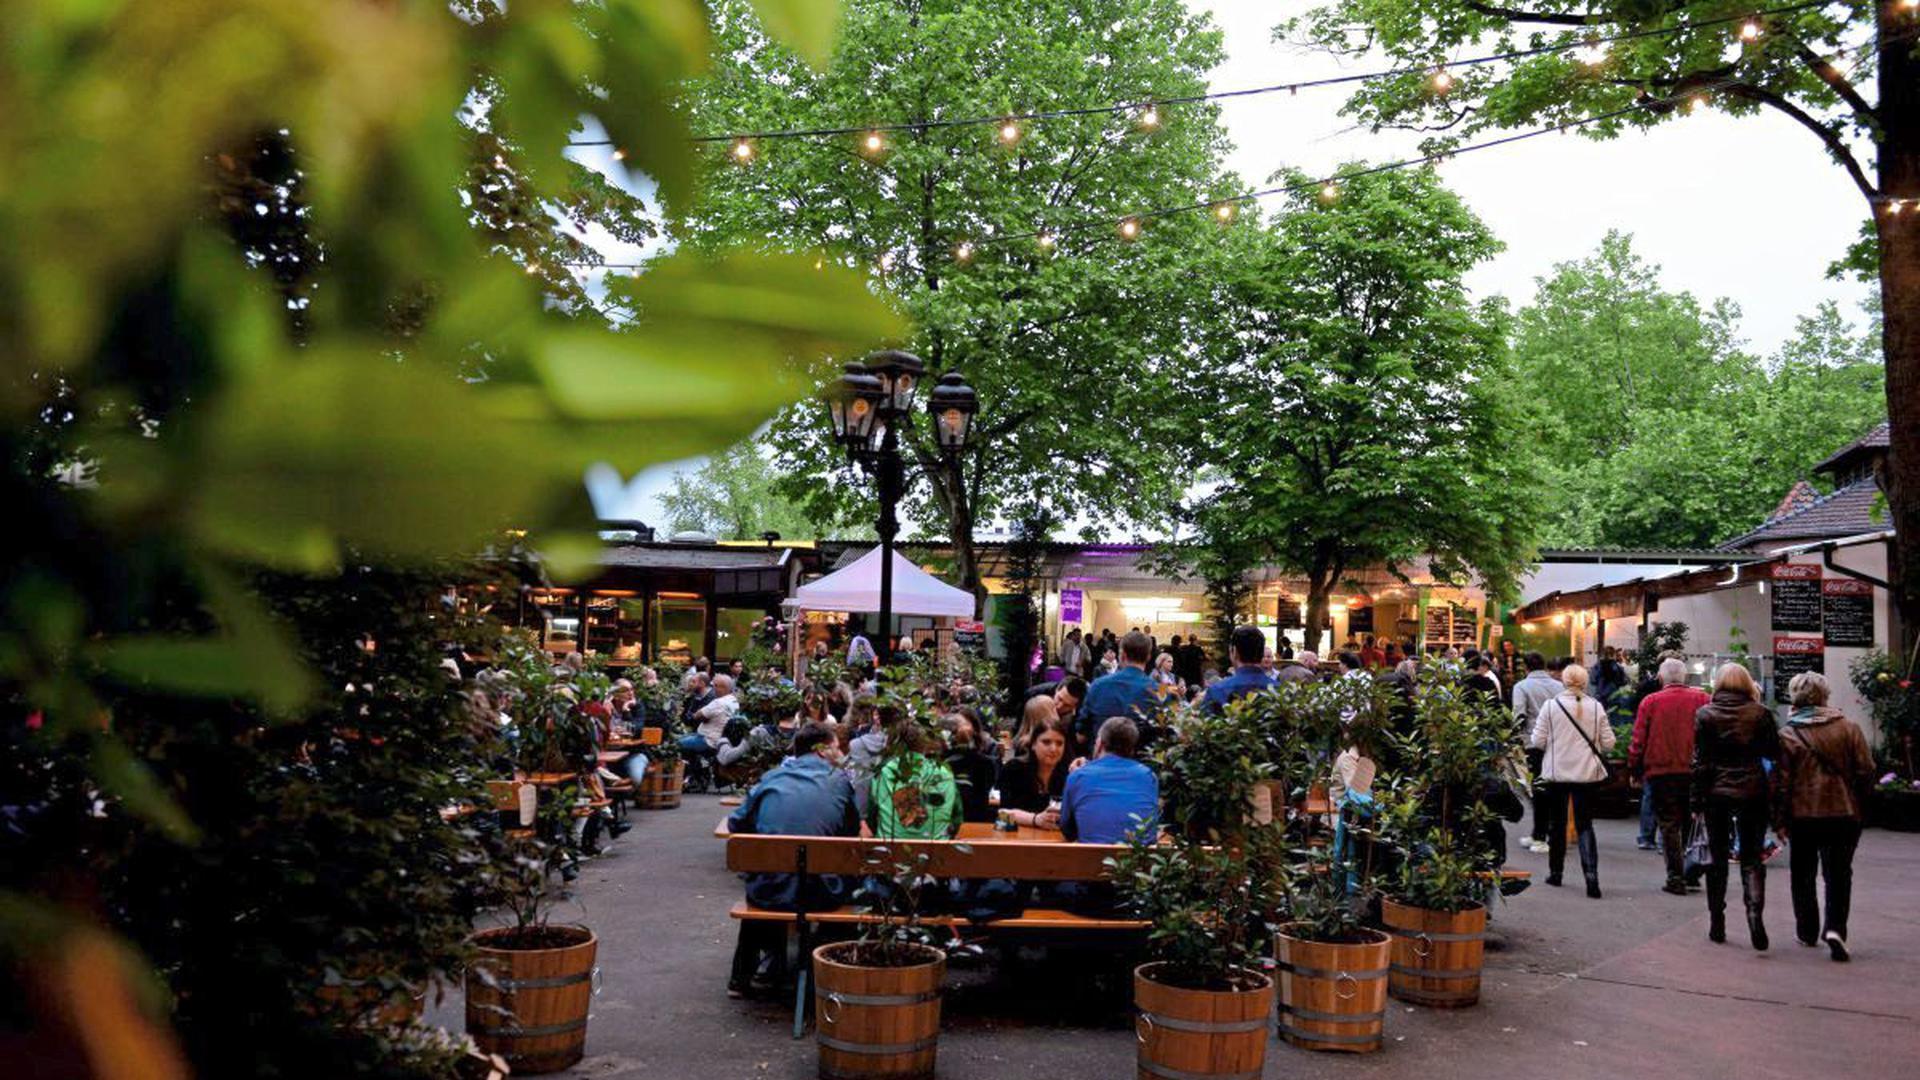 Ausruhen, entspannen und genießen - können die Besucher im Hoepfner Burggarten vor der Burg in der Karlsruher Oststadt.